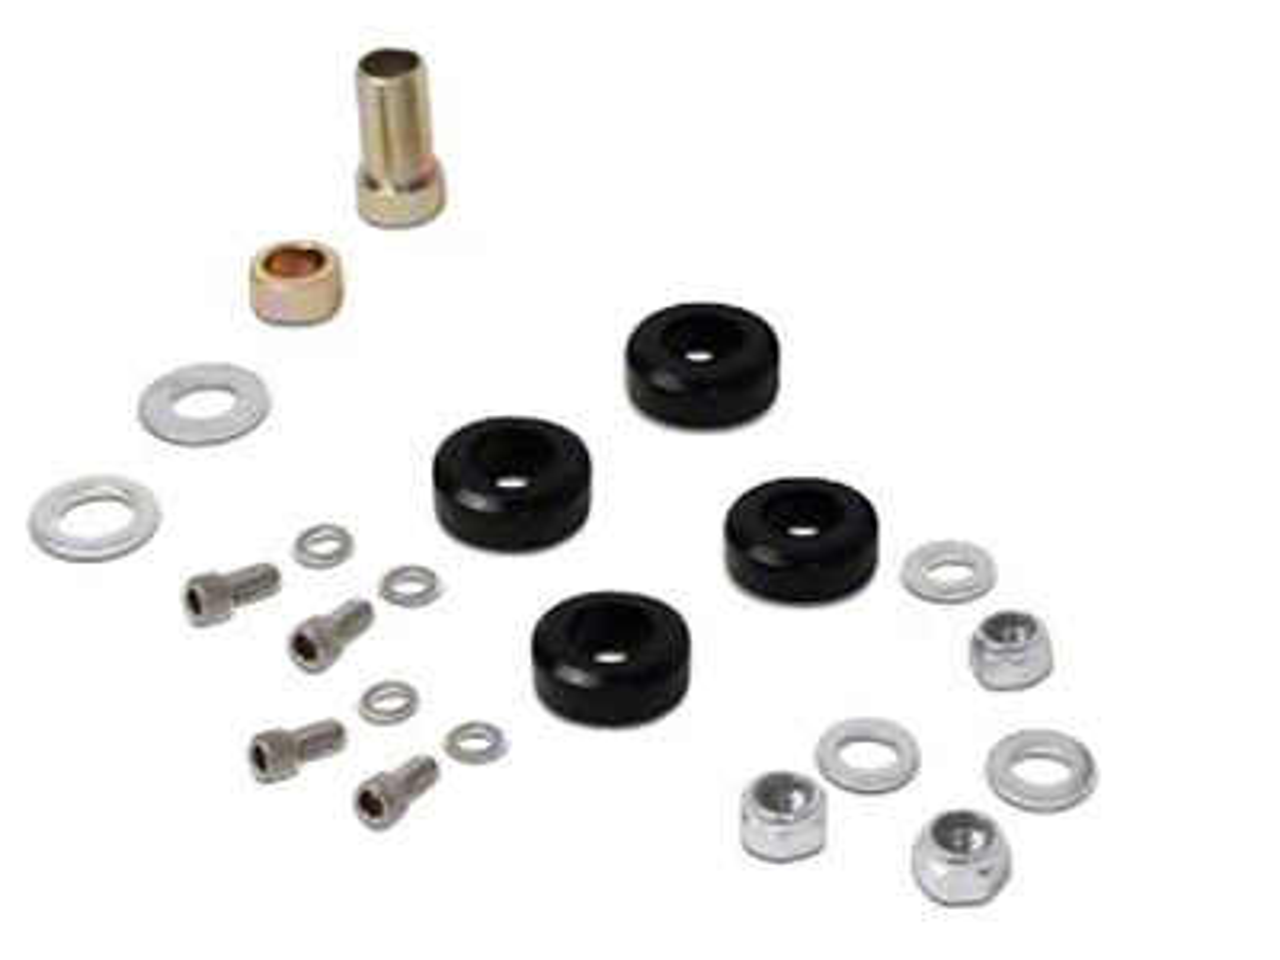 BBK Caster Camber Plate Hardware Kit (79-93 All)